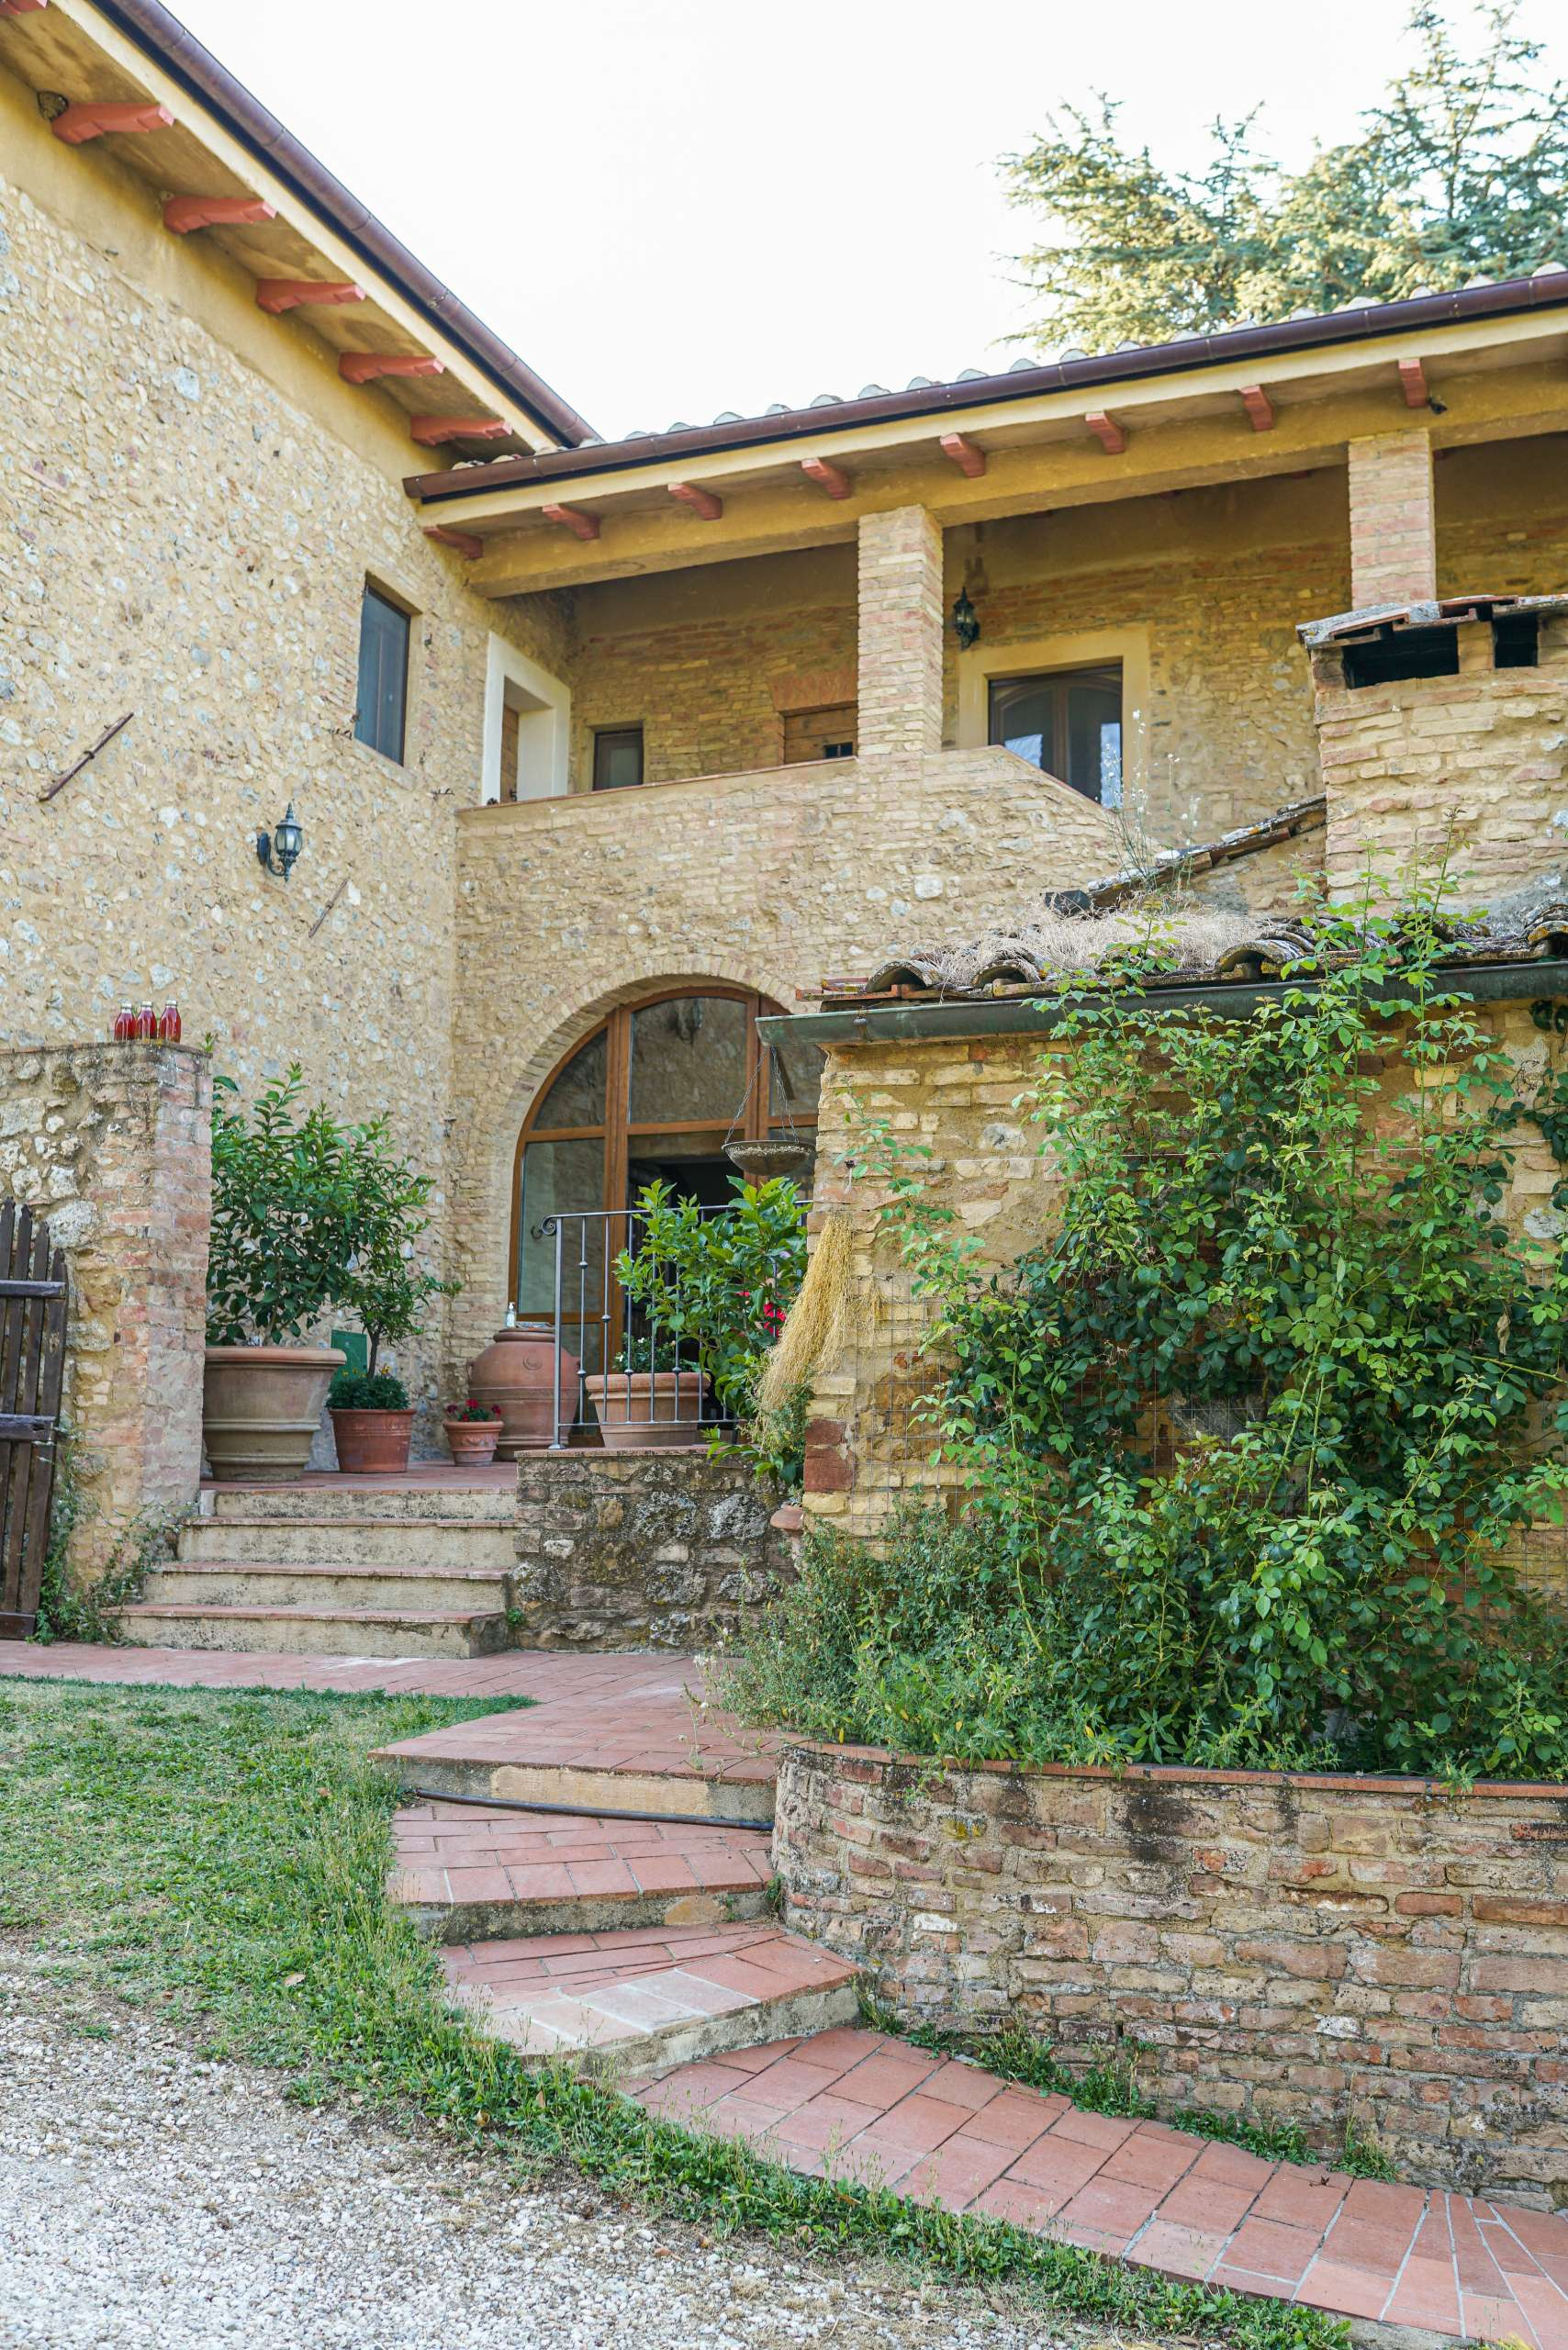 Agrivilla i Pini Tuscany